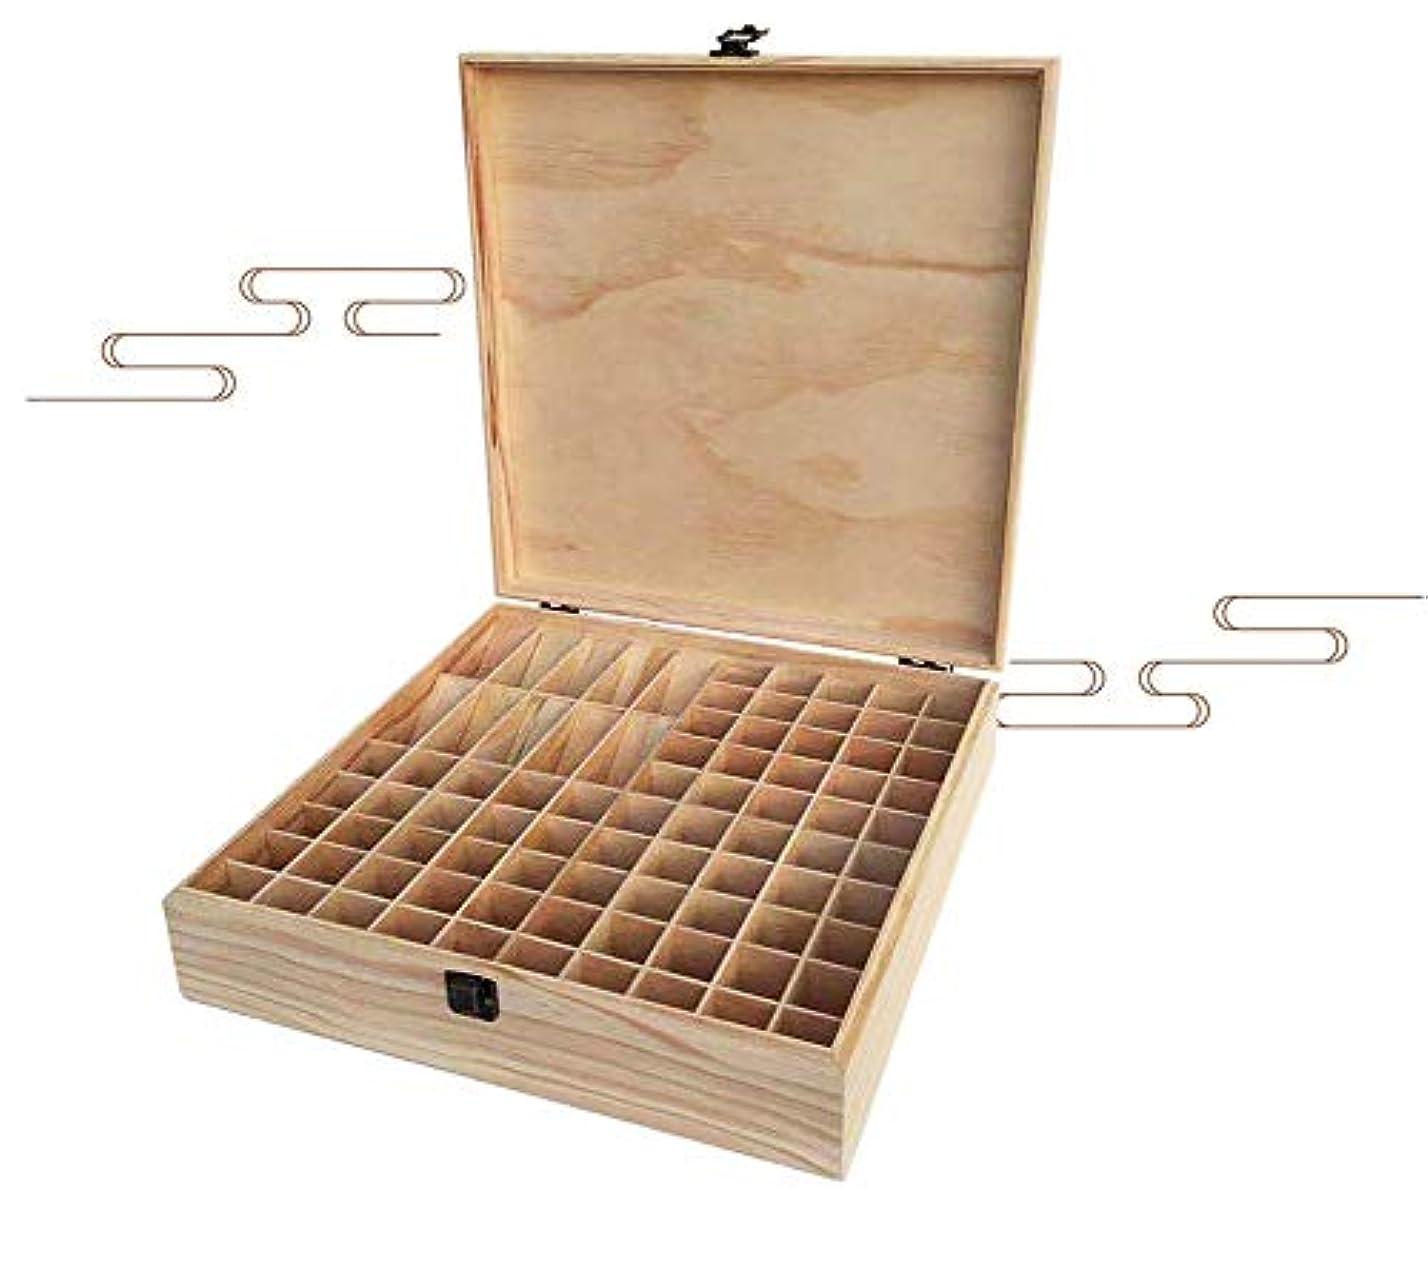 できれば間エイズエッセンシャルオイル収納ボックス 85本用 木製エッセンシャルオイルボックス メイクポーチ 精油収納ケース 携帯用 自然ウッド精油収納ボックス 香水収納ケース